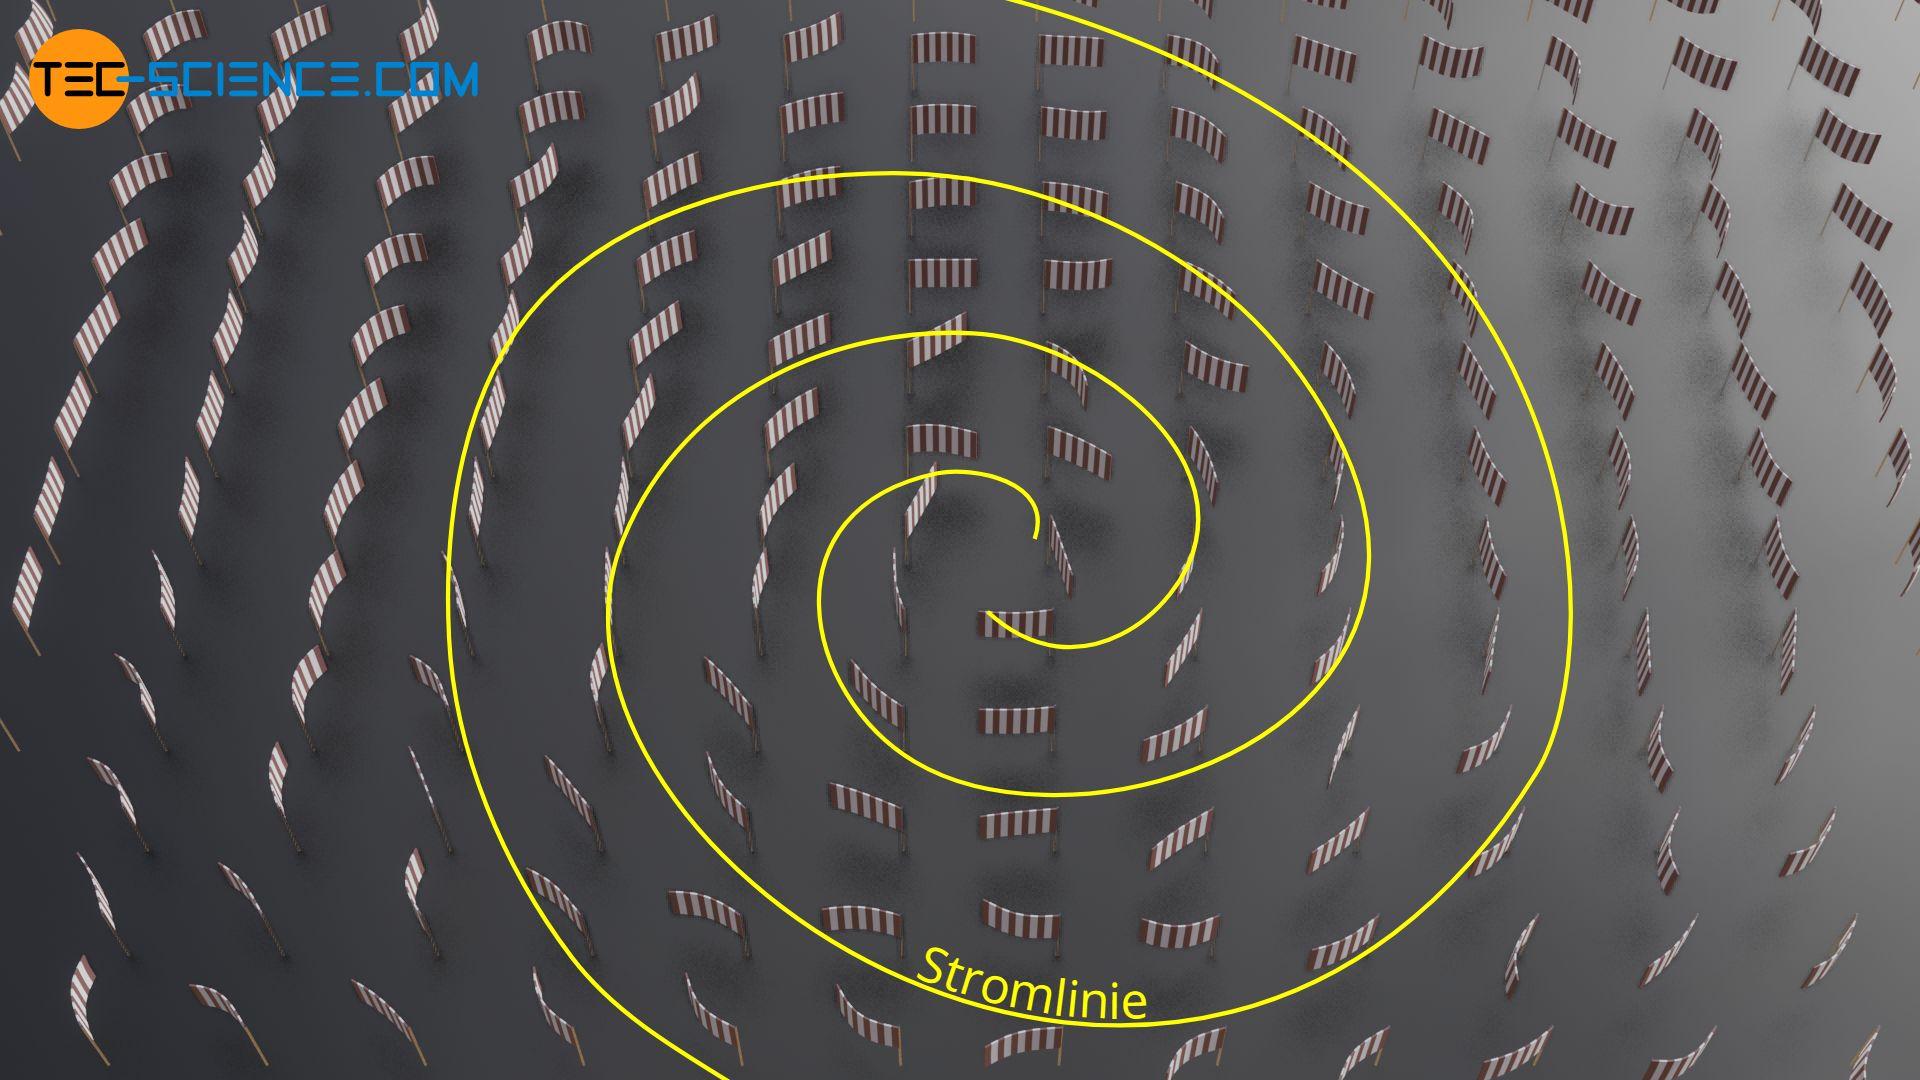 Stromlinien eines Luftwirbels durch Fahnen veranschaulicht